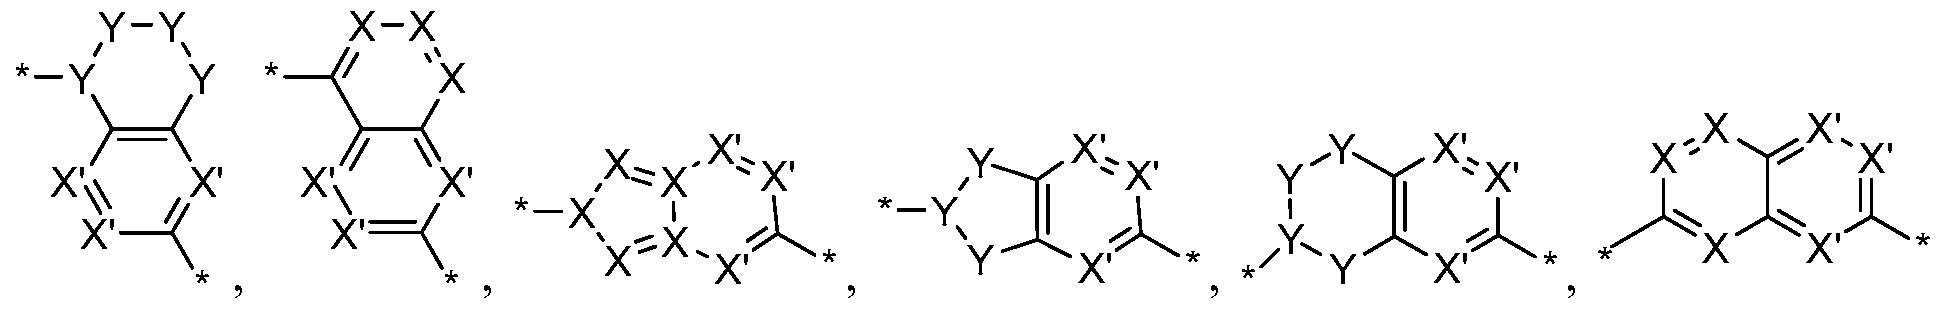 Figure imgf000064_0005